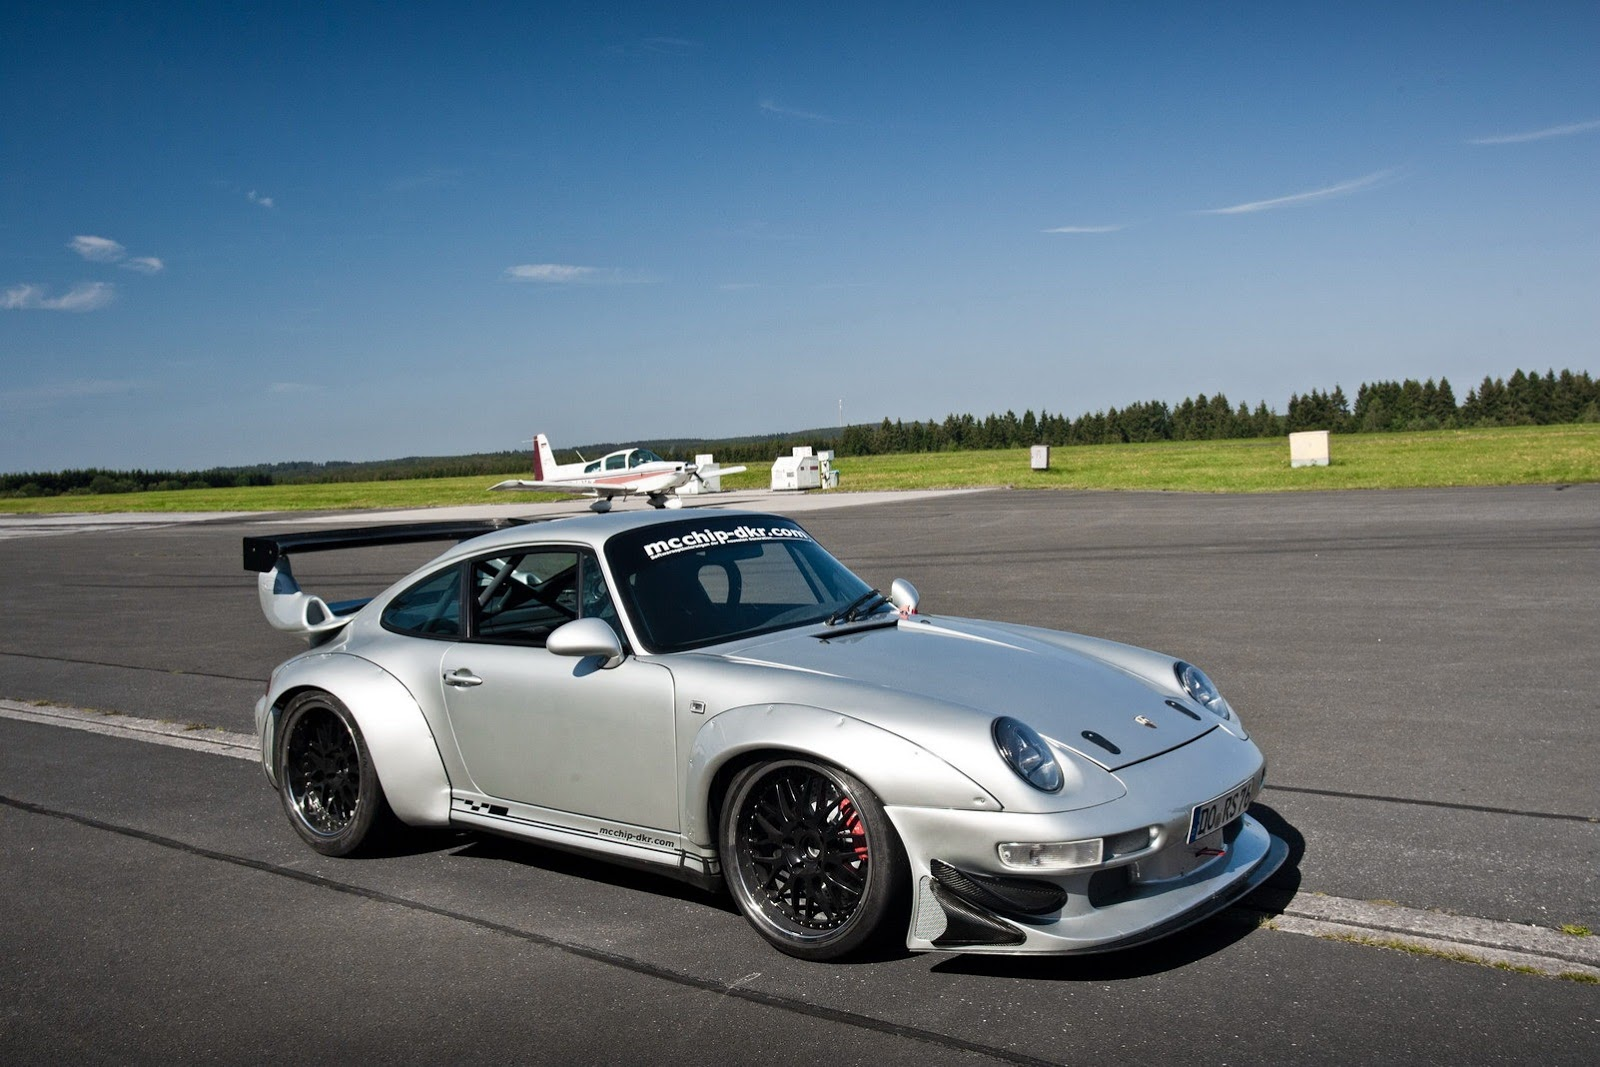 Wallpapers Oakley 3d Mcchip Dkr Porsche 911 Gt2 993 Custom